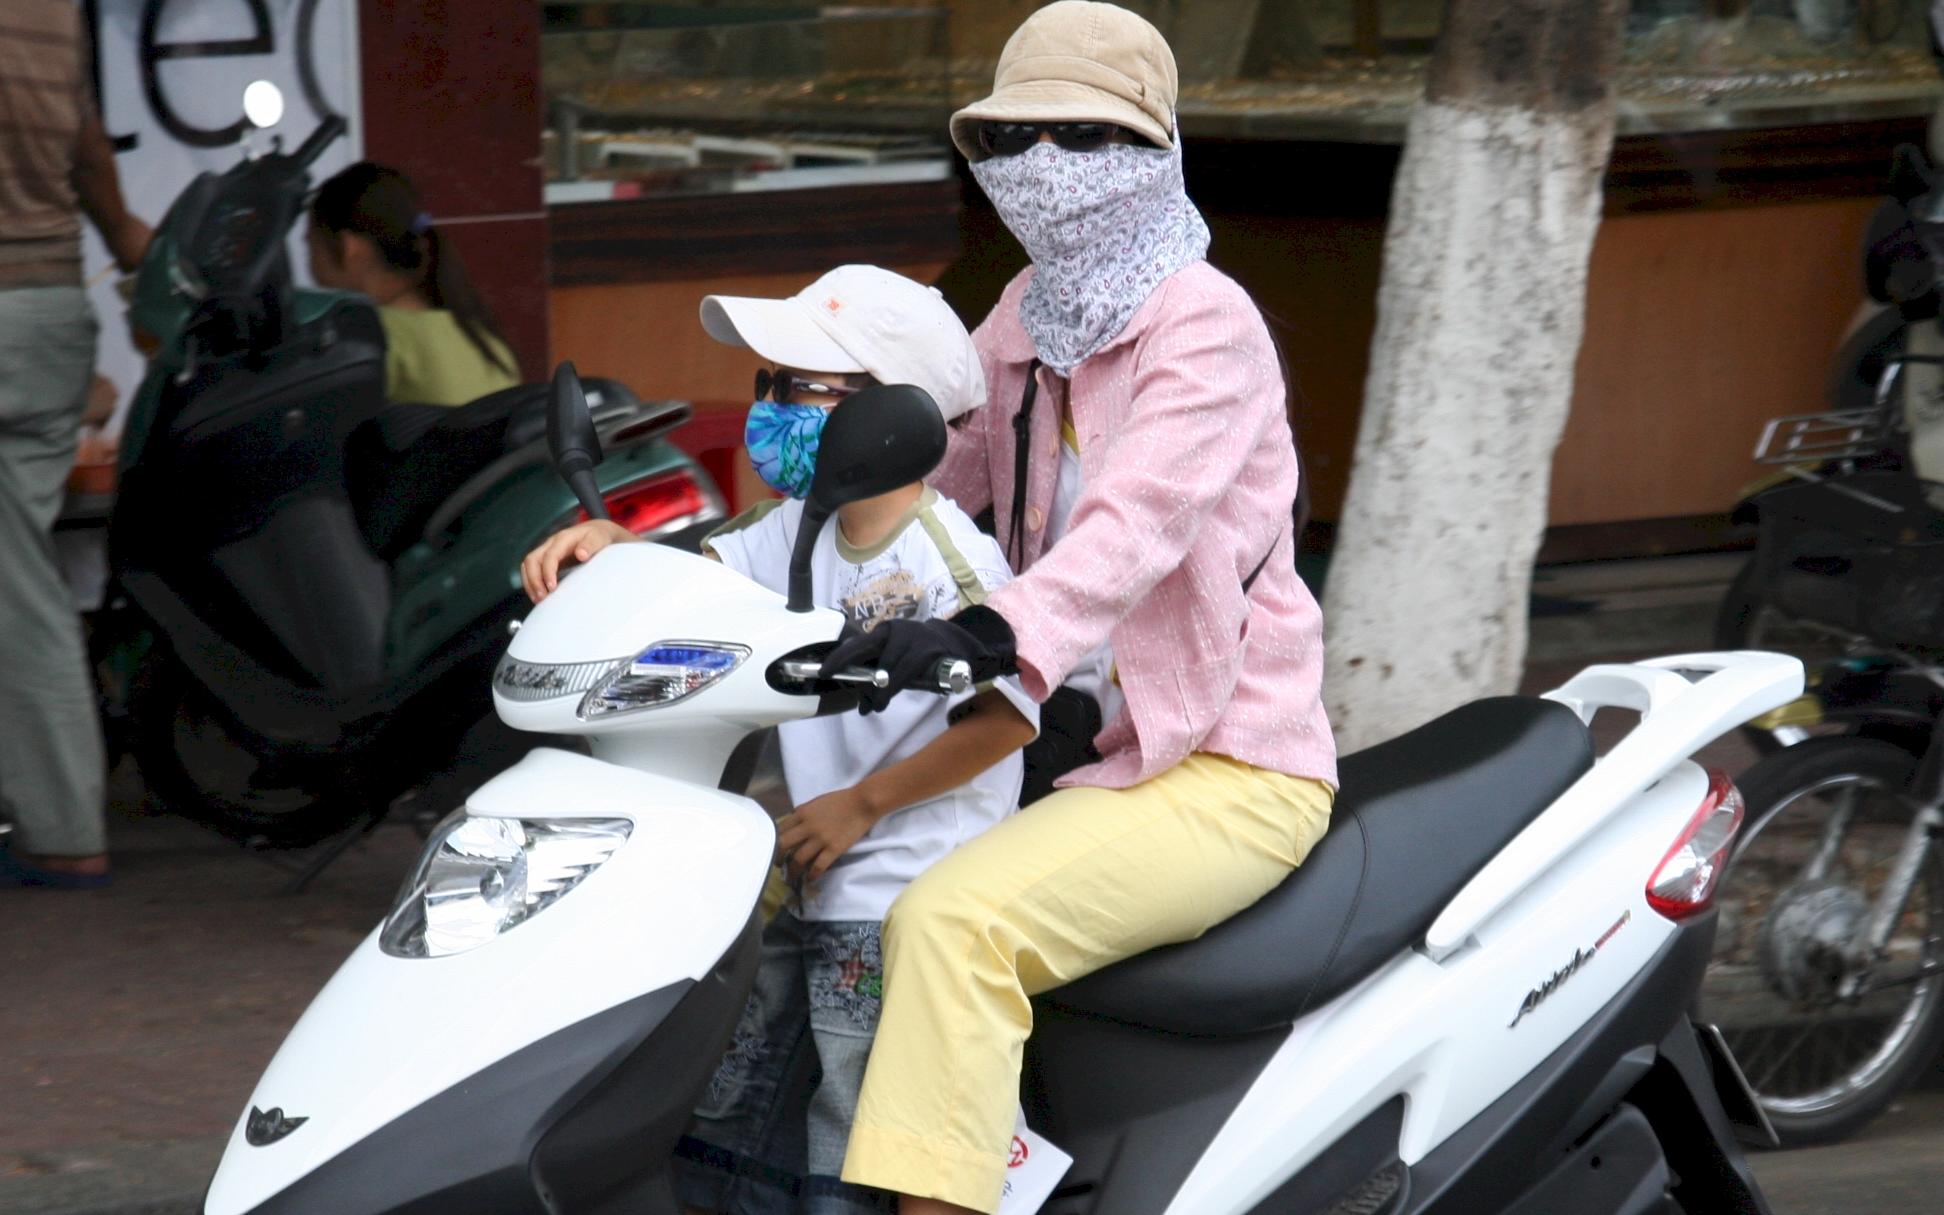 Chở con bằng xe máy dưới trời nắng nóng, cha mẹ cần lưu ý những điểm sau để trẻ không bị say nắng hay sốc nhiệt